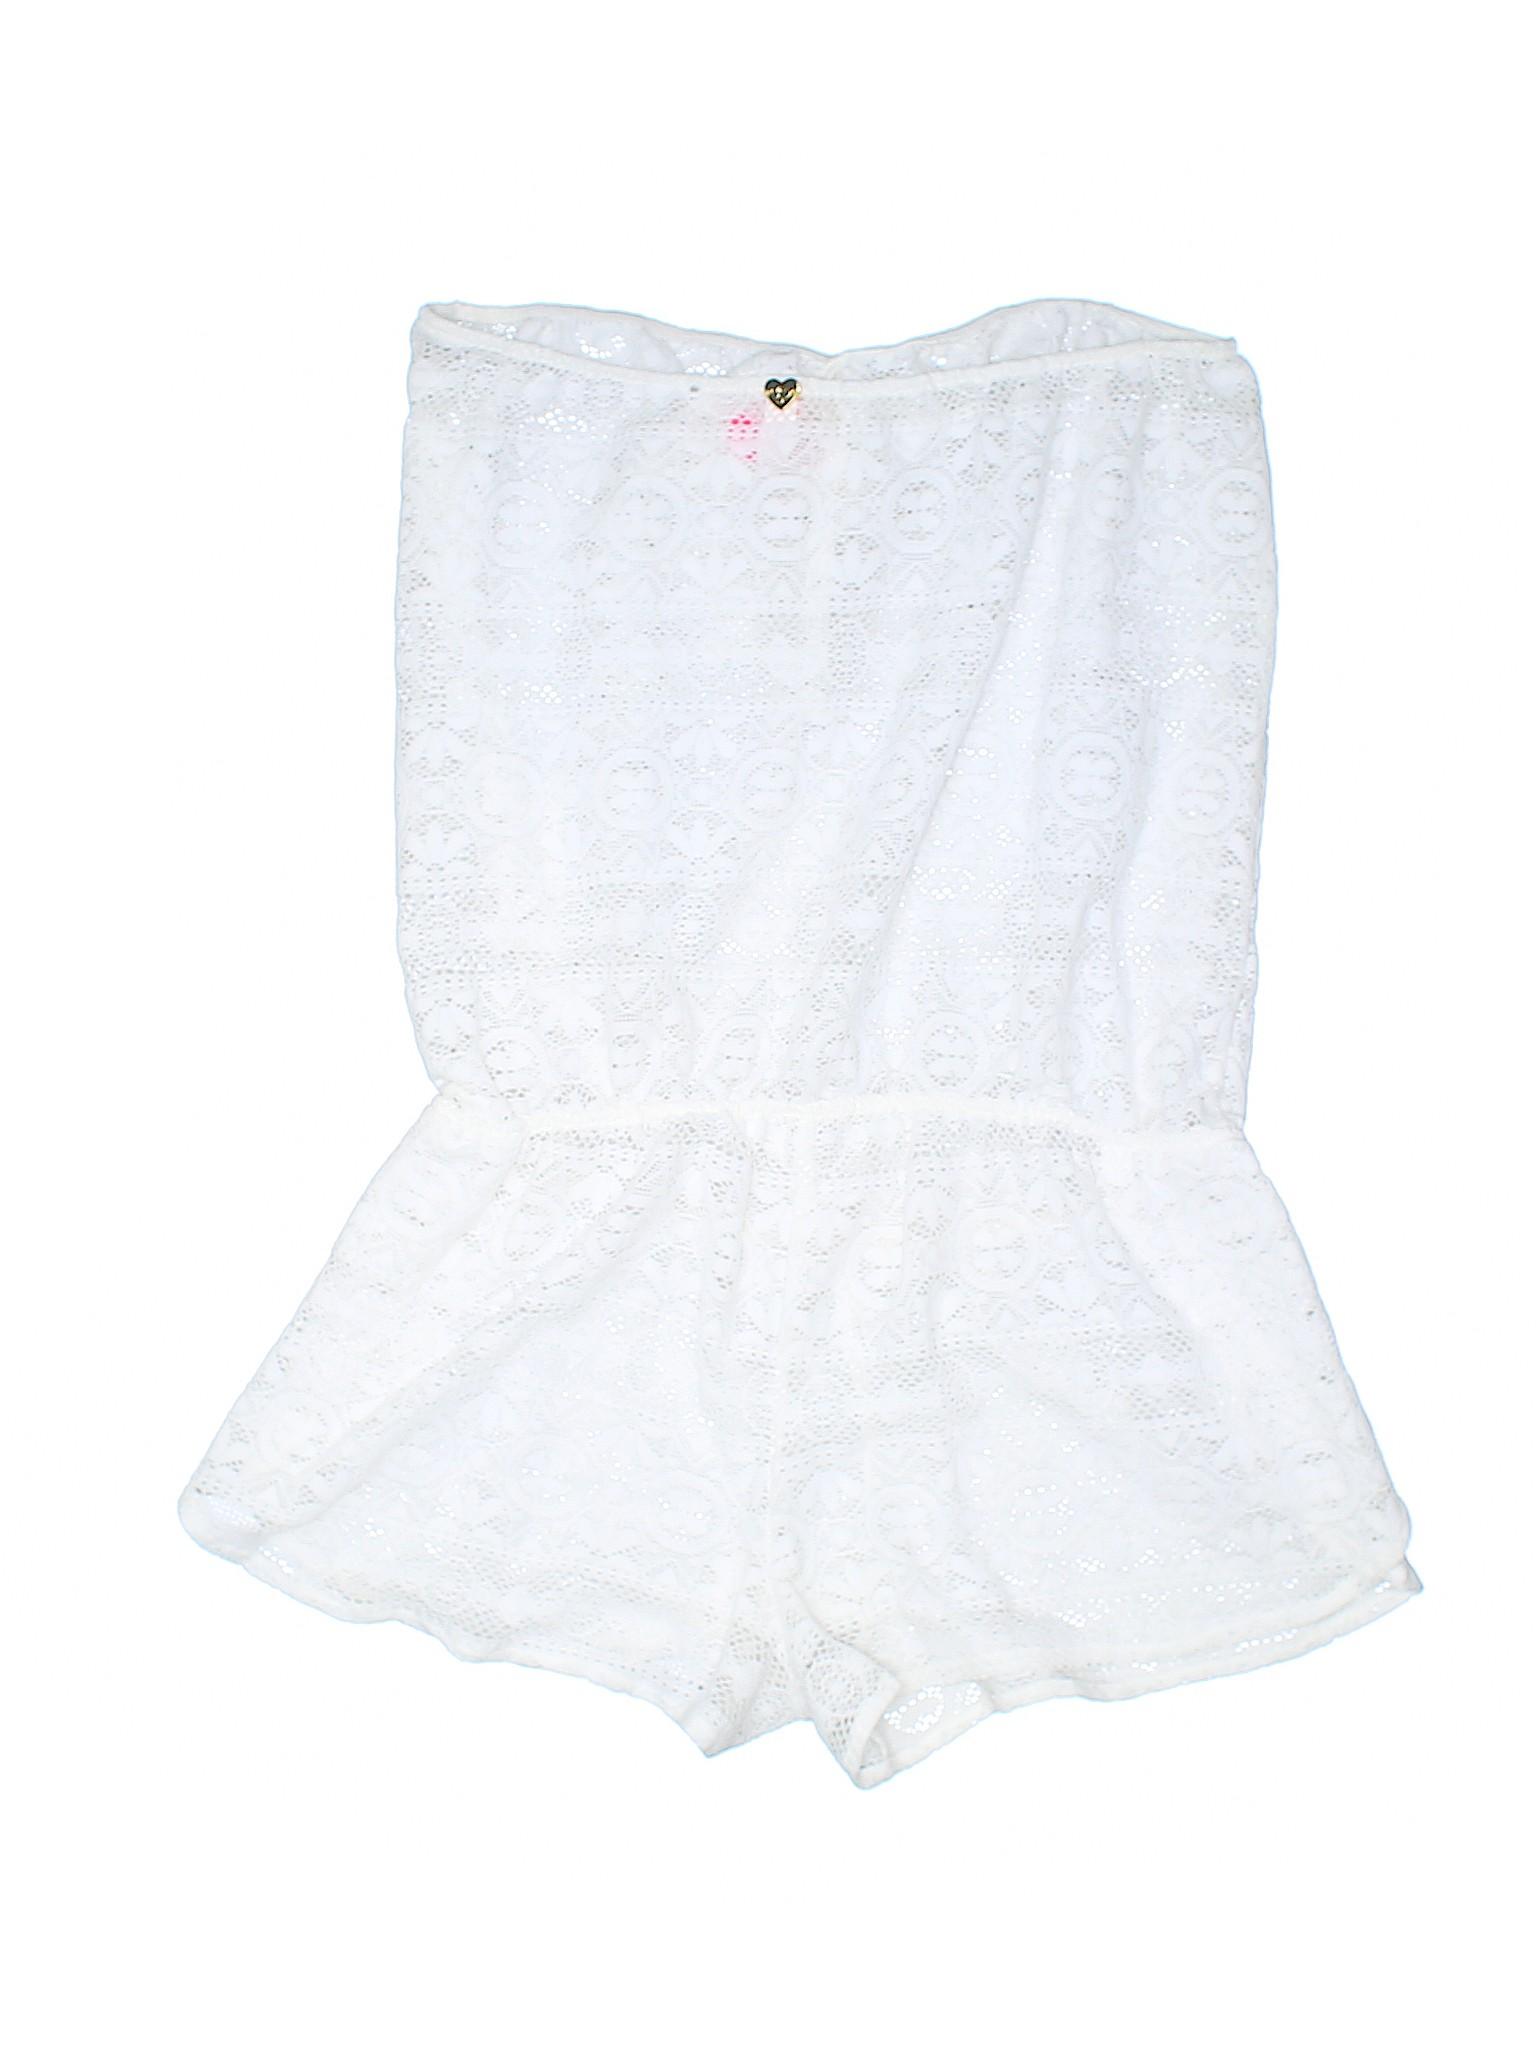 Swimsuit Up Victoria's Secret Cover Boutique wE0x8qYBB